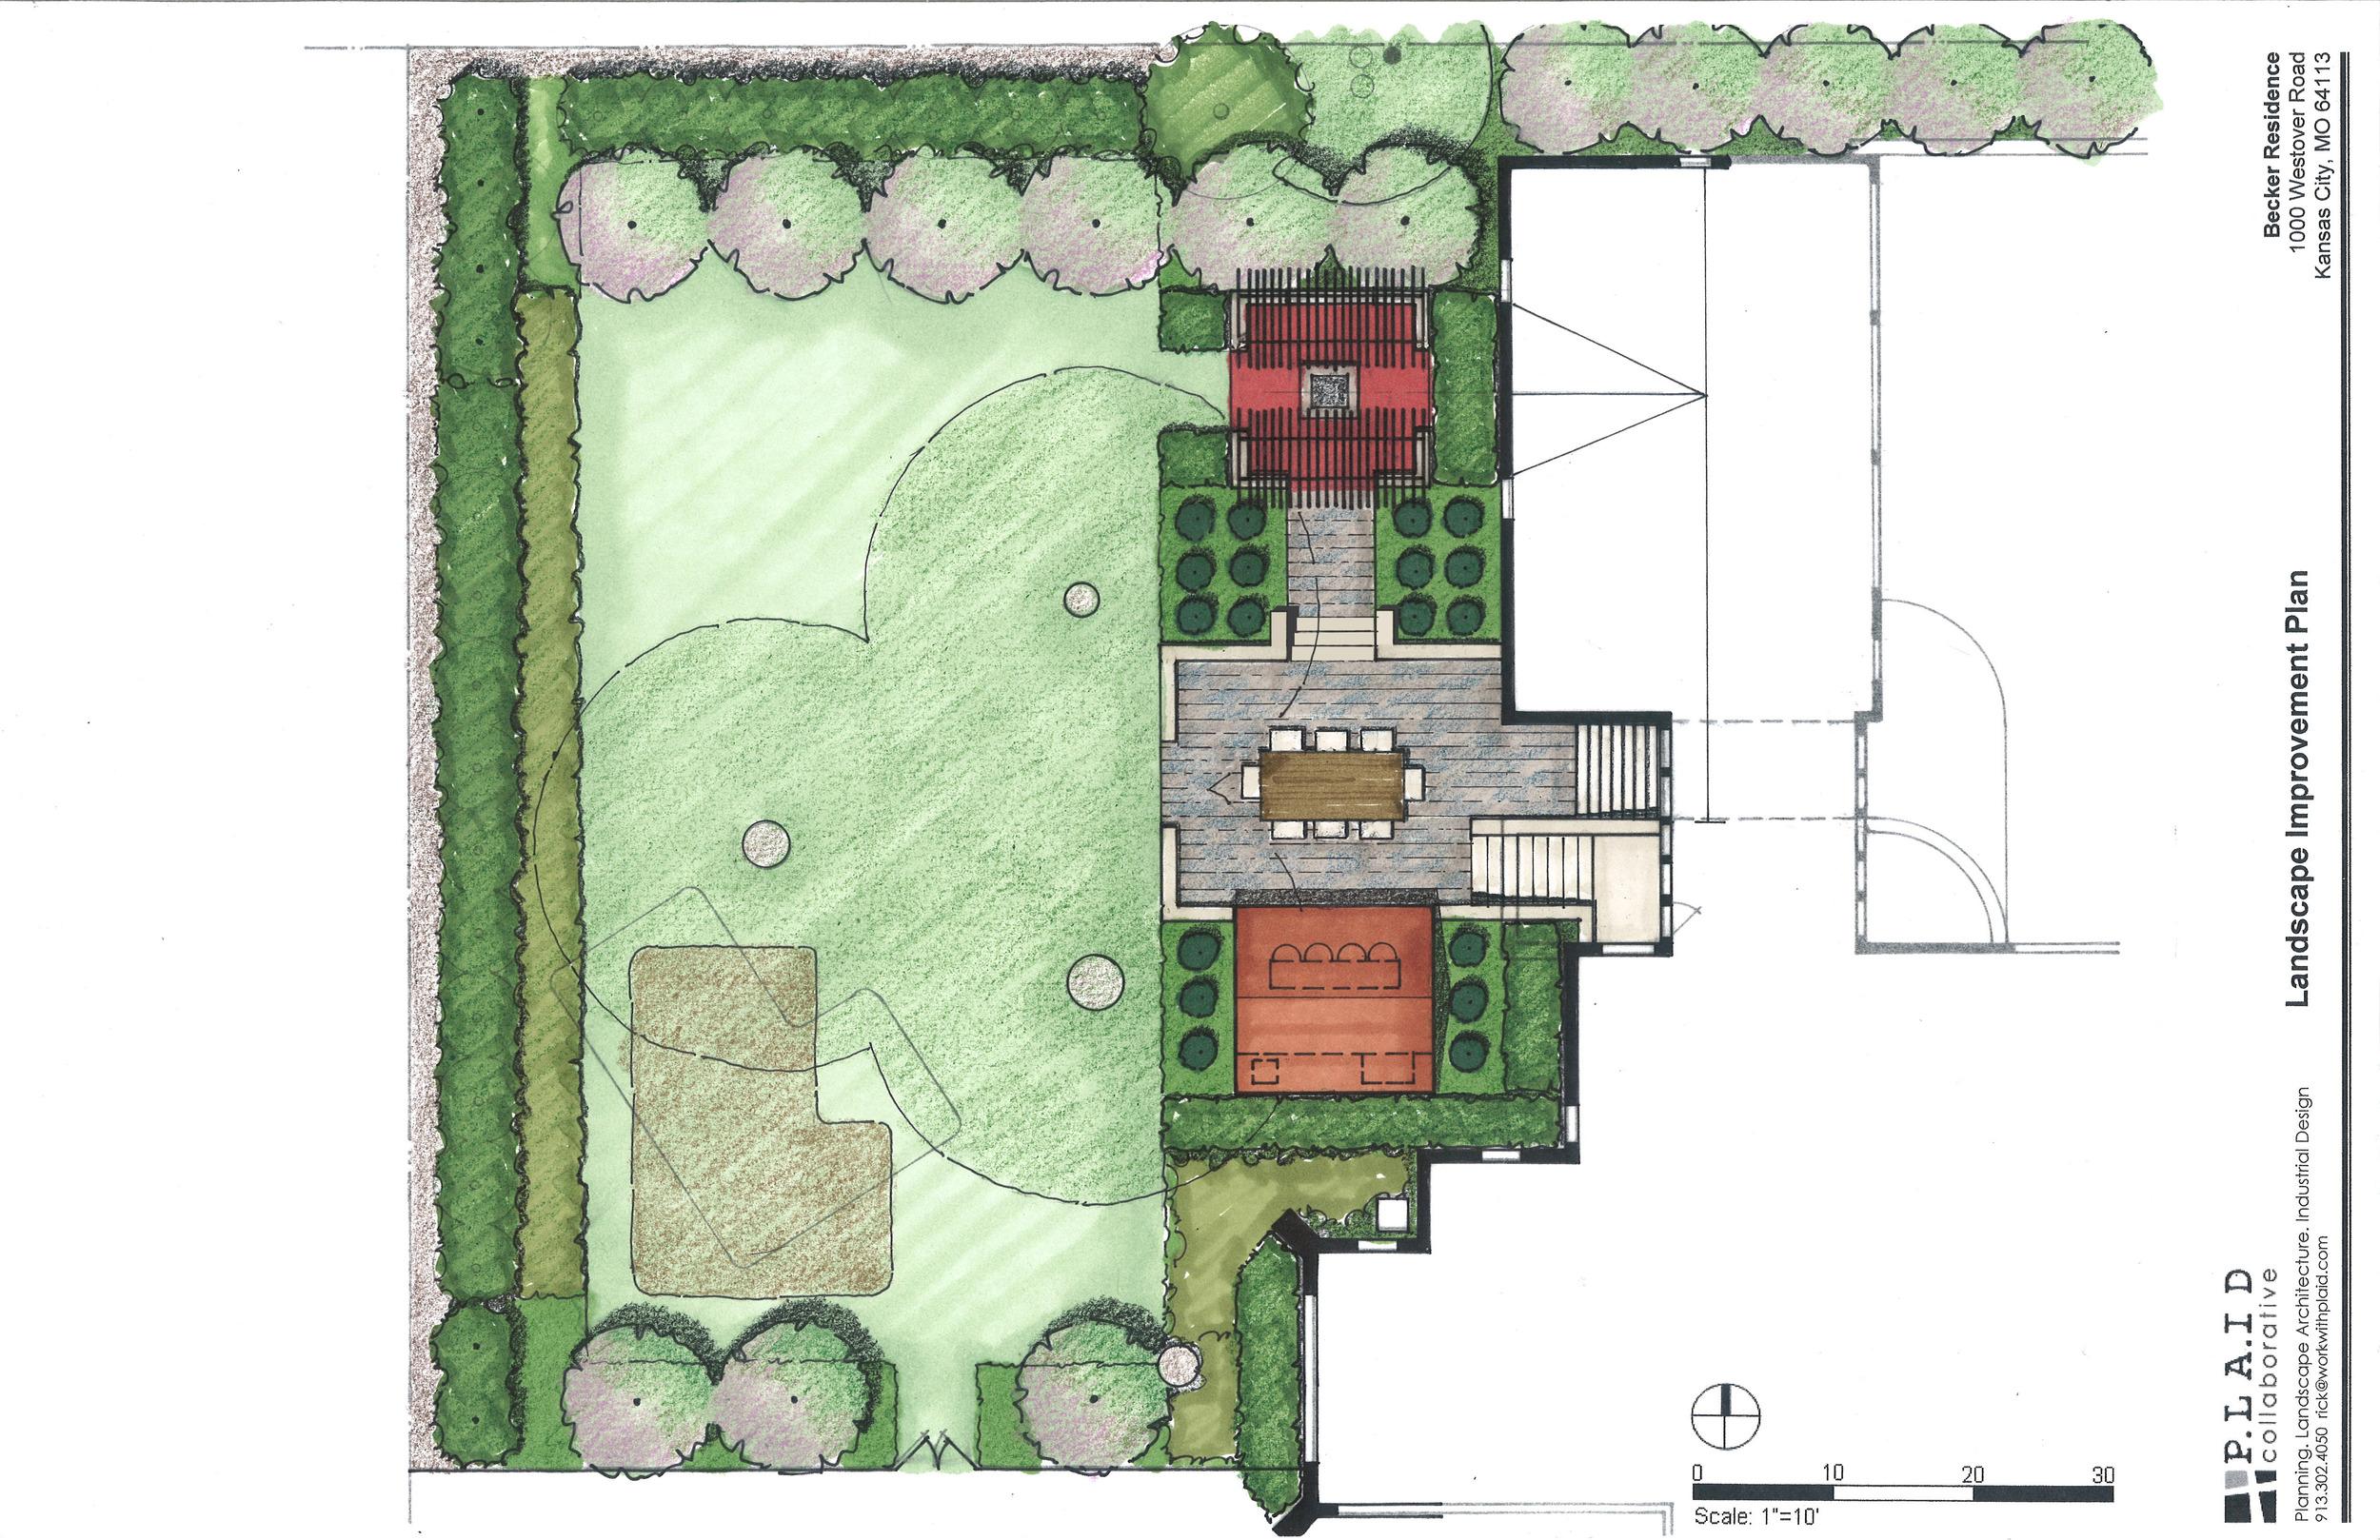 Becker Concept Plan 1-17-2014.jpg